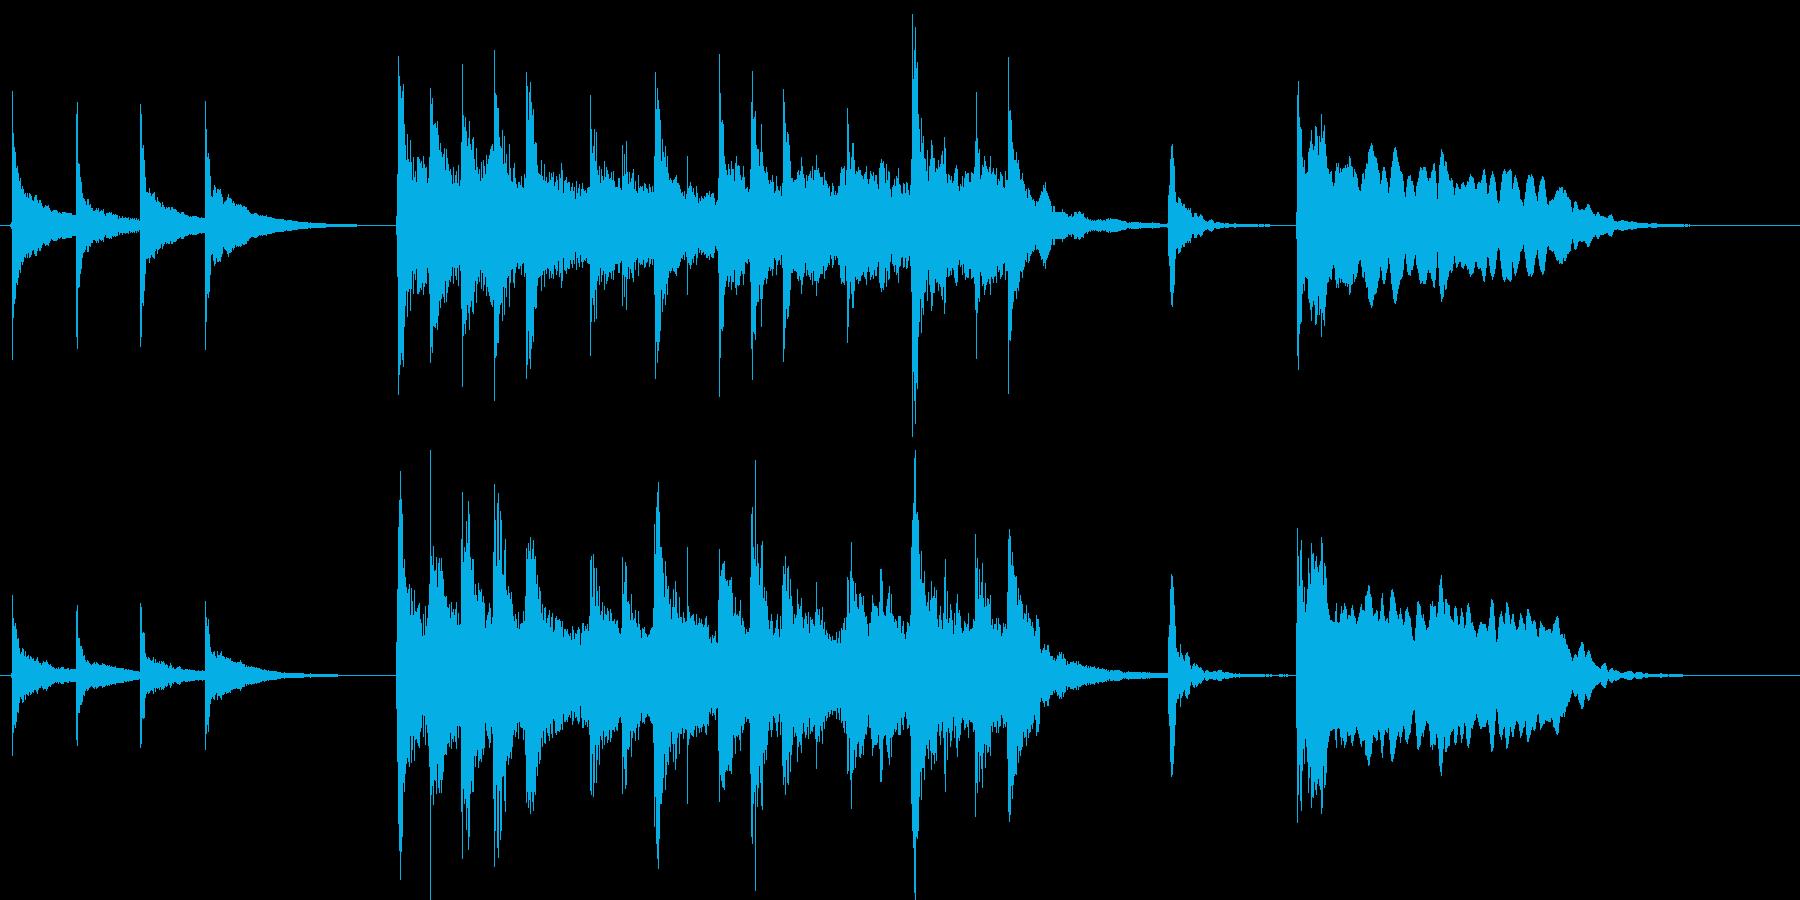 和楽器・お囃子風ジングルの再生済みの波形